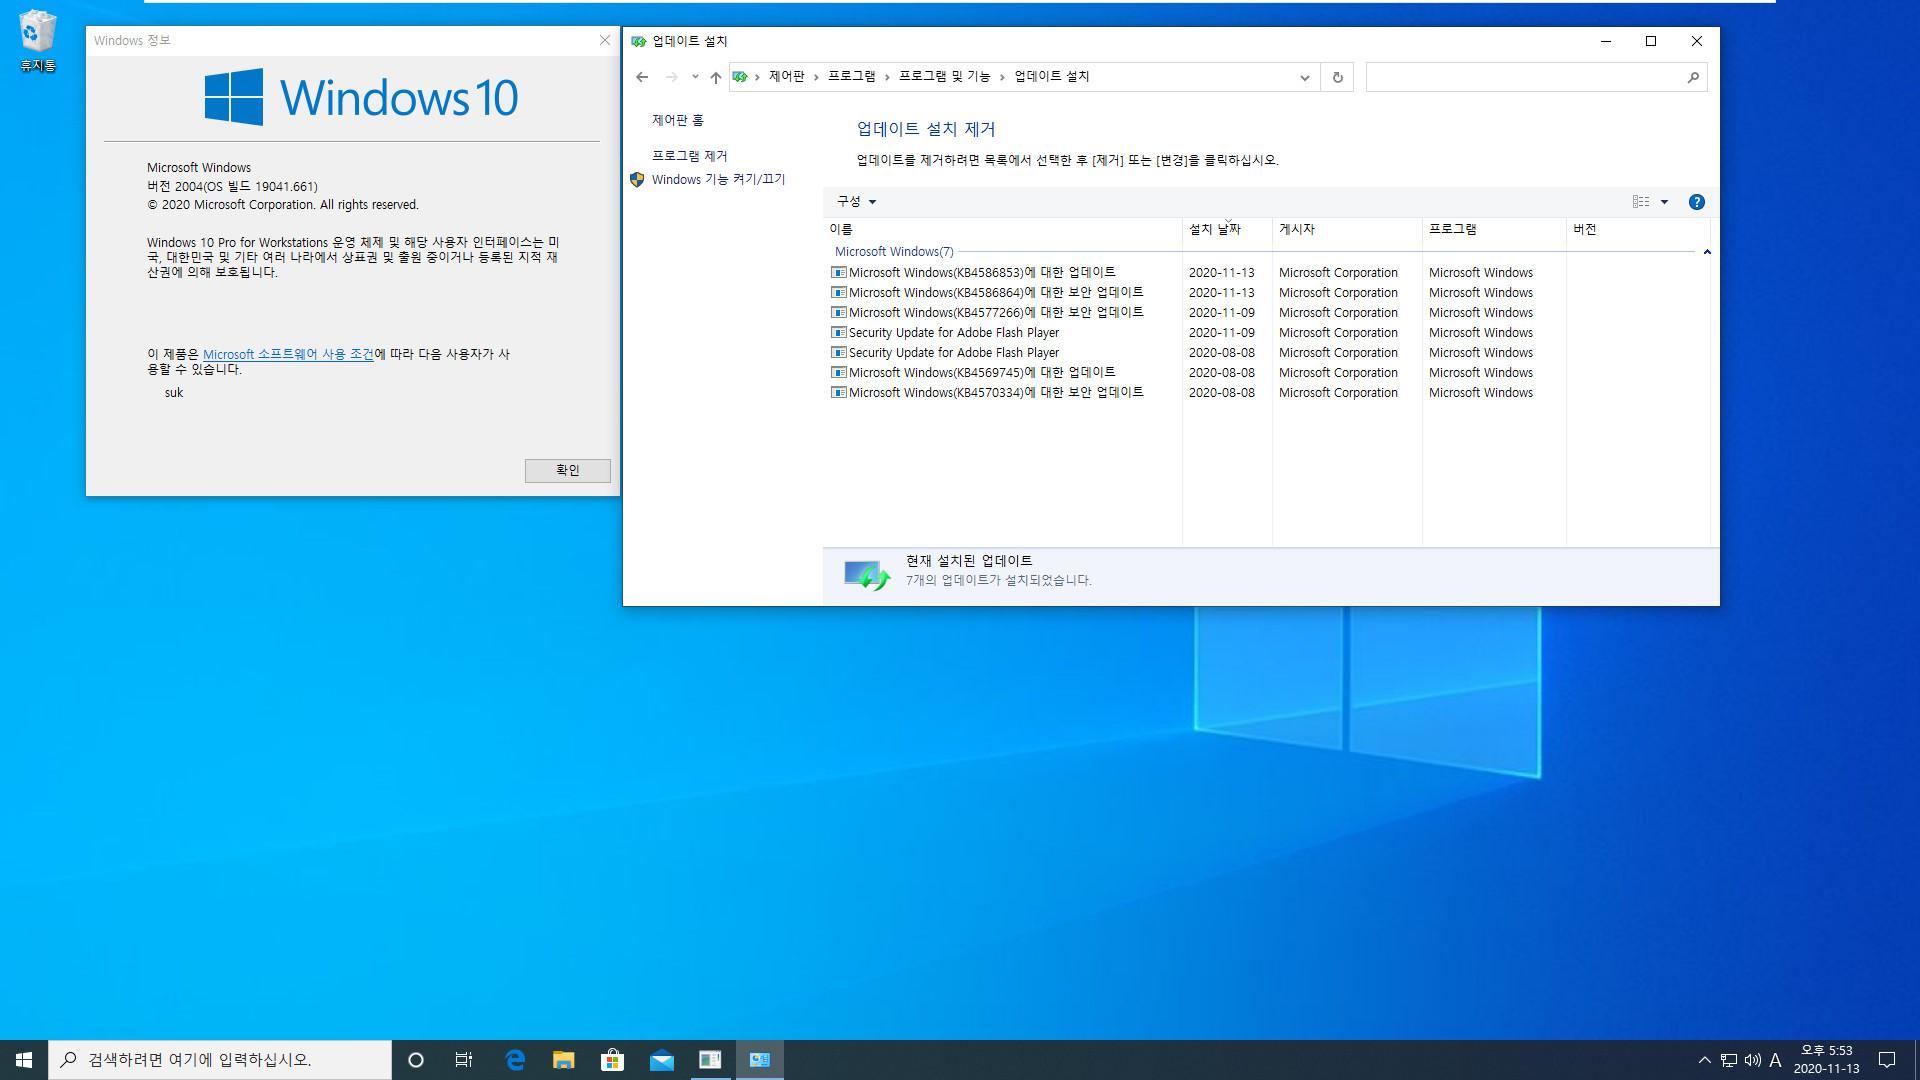 2020-11-13 금요일 [프리뷰] Windows 10 버전 2004 + 버전 20H2 누적 업데이트 KB4586853 (OS 빌드 19041.661 + 19042.661) - vmware에 설치 테스트 2020-11-13_175350.jpg